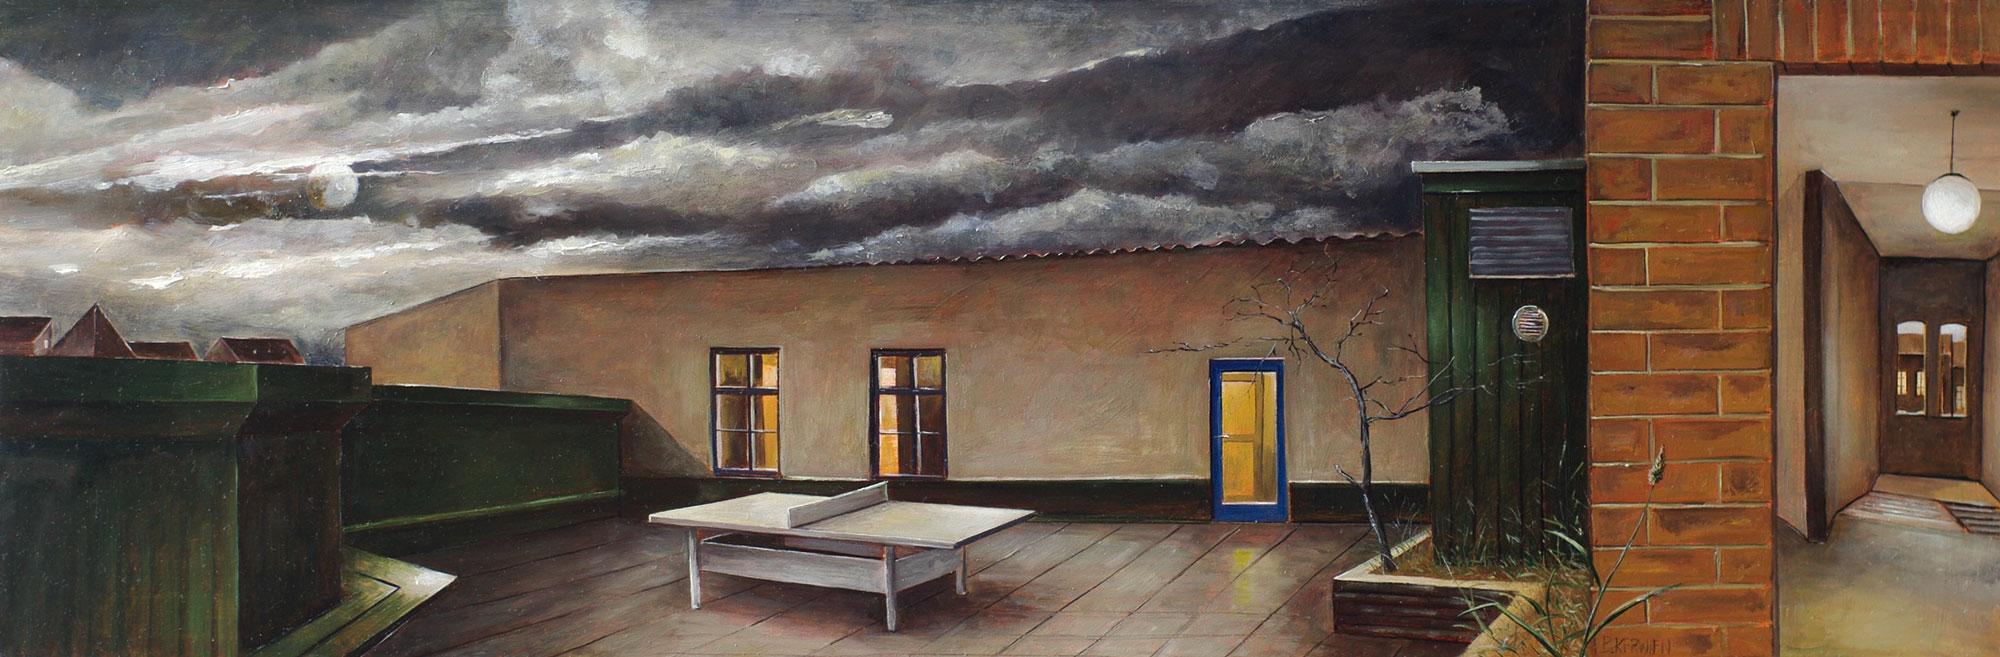 »Abendstimmung«, Benjamin Kerwien, Öl auf Mdf, 60 × 20 cm, 2014